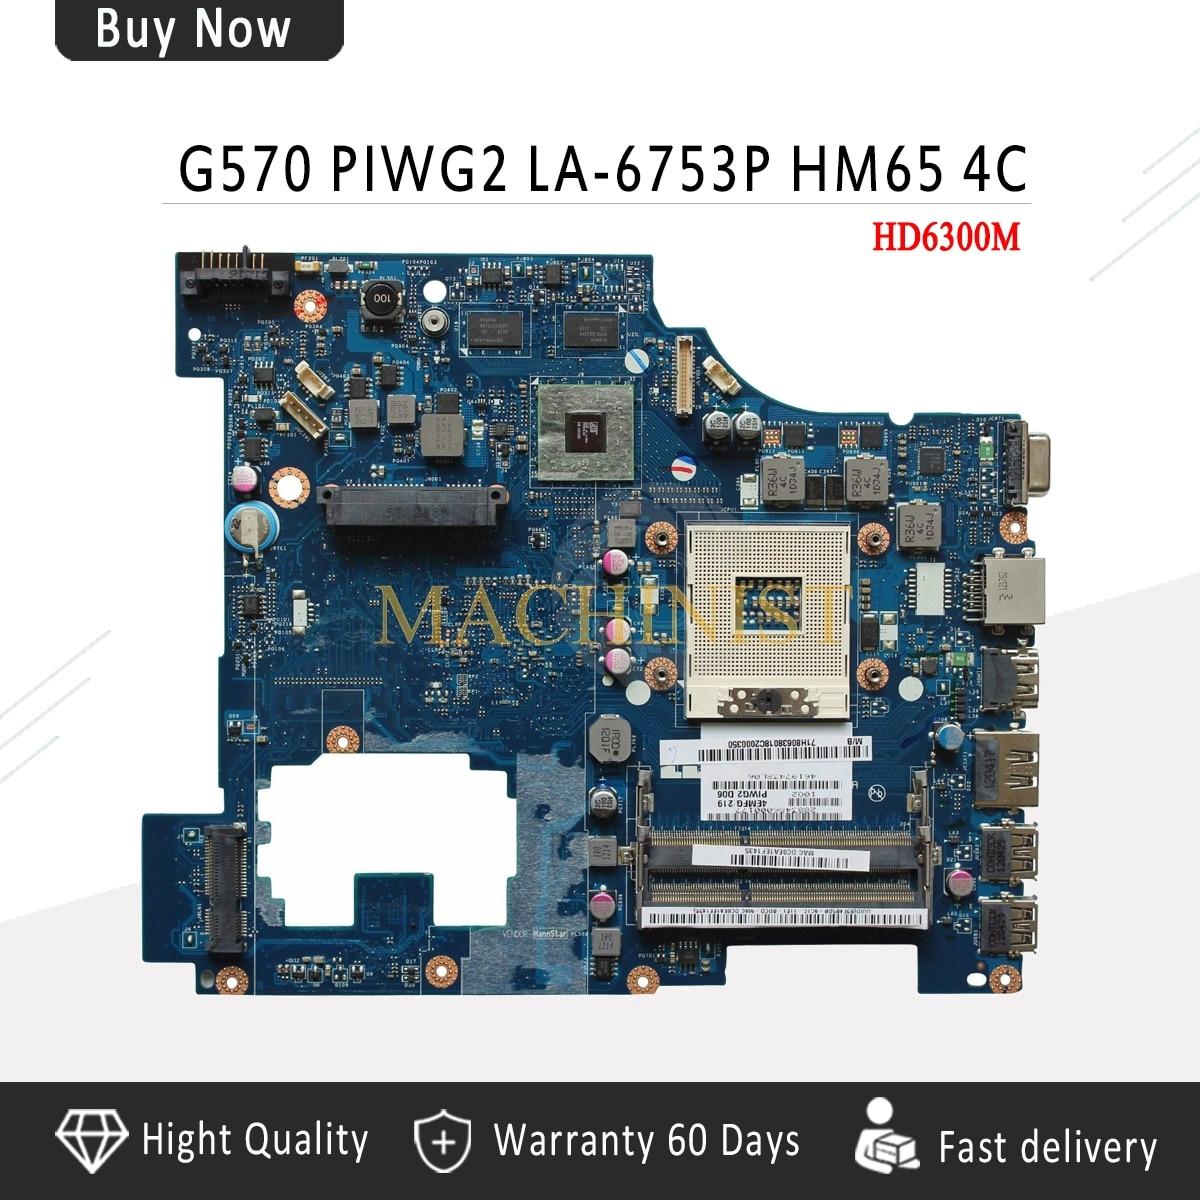 LA-6753P Pour Lenovo G570 mère d'ordinateur portable PIWG2 LA-6753P HM65 DDR3 Soutien I3 I5 I7 processeur carte mère entièrement testé